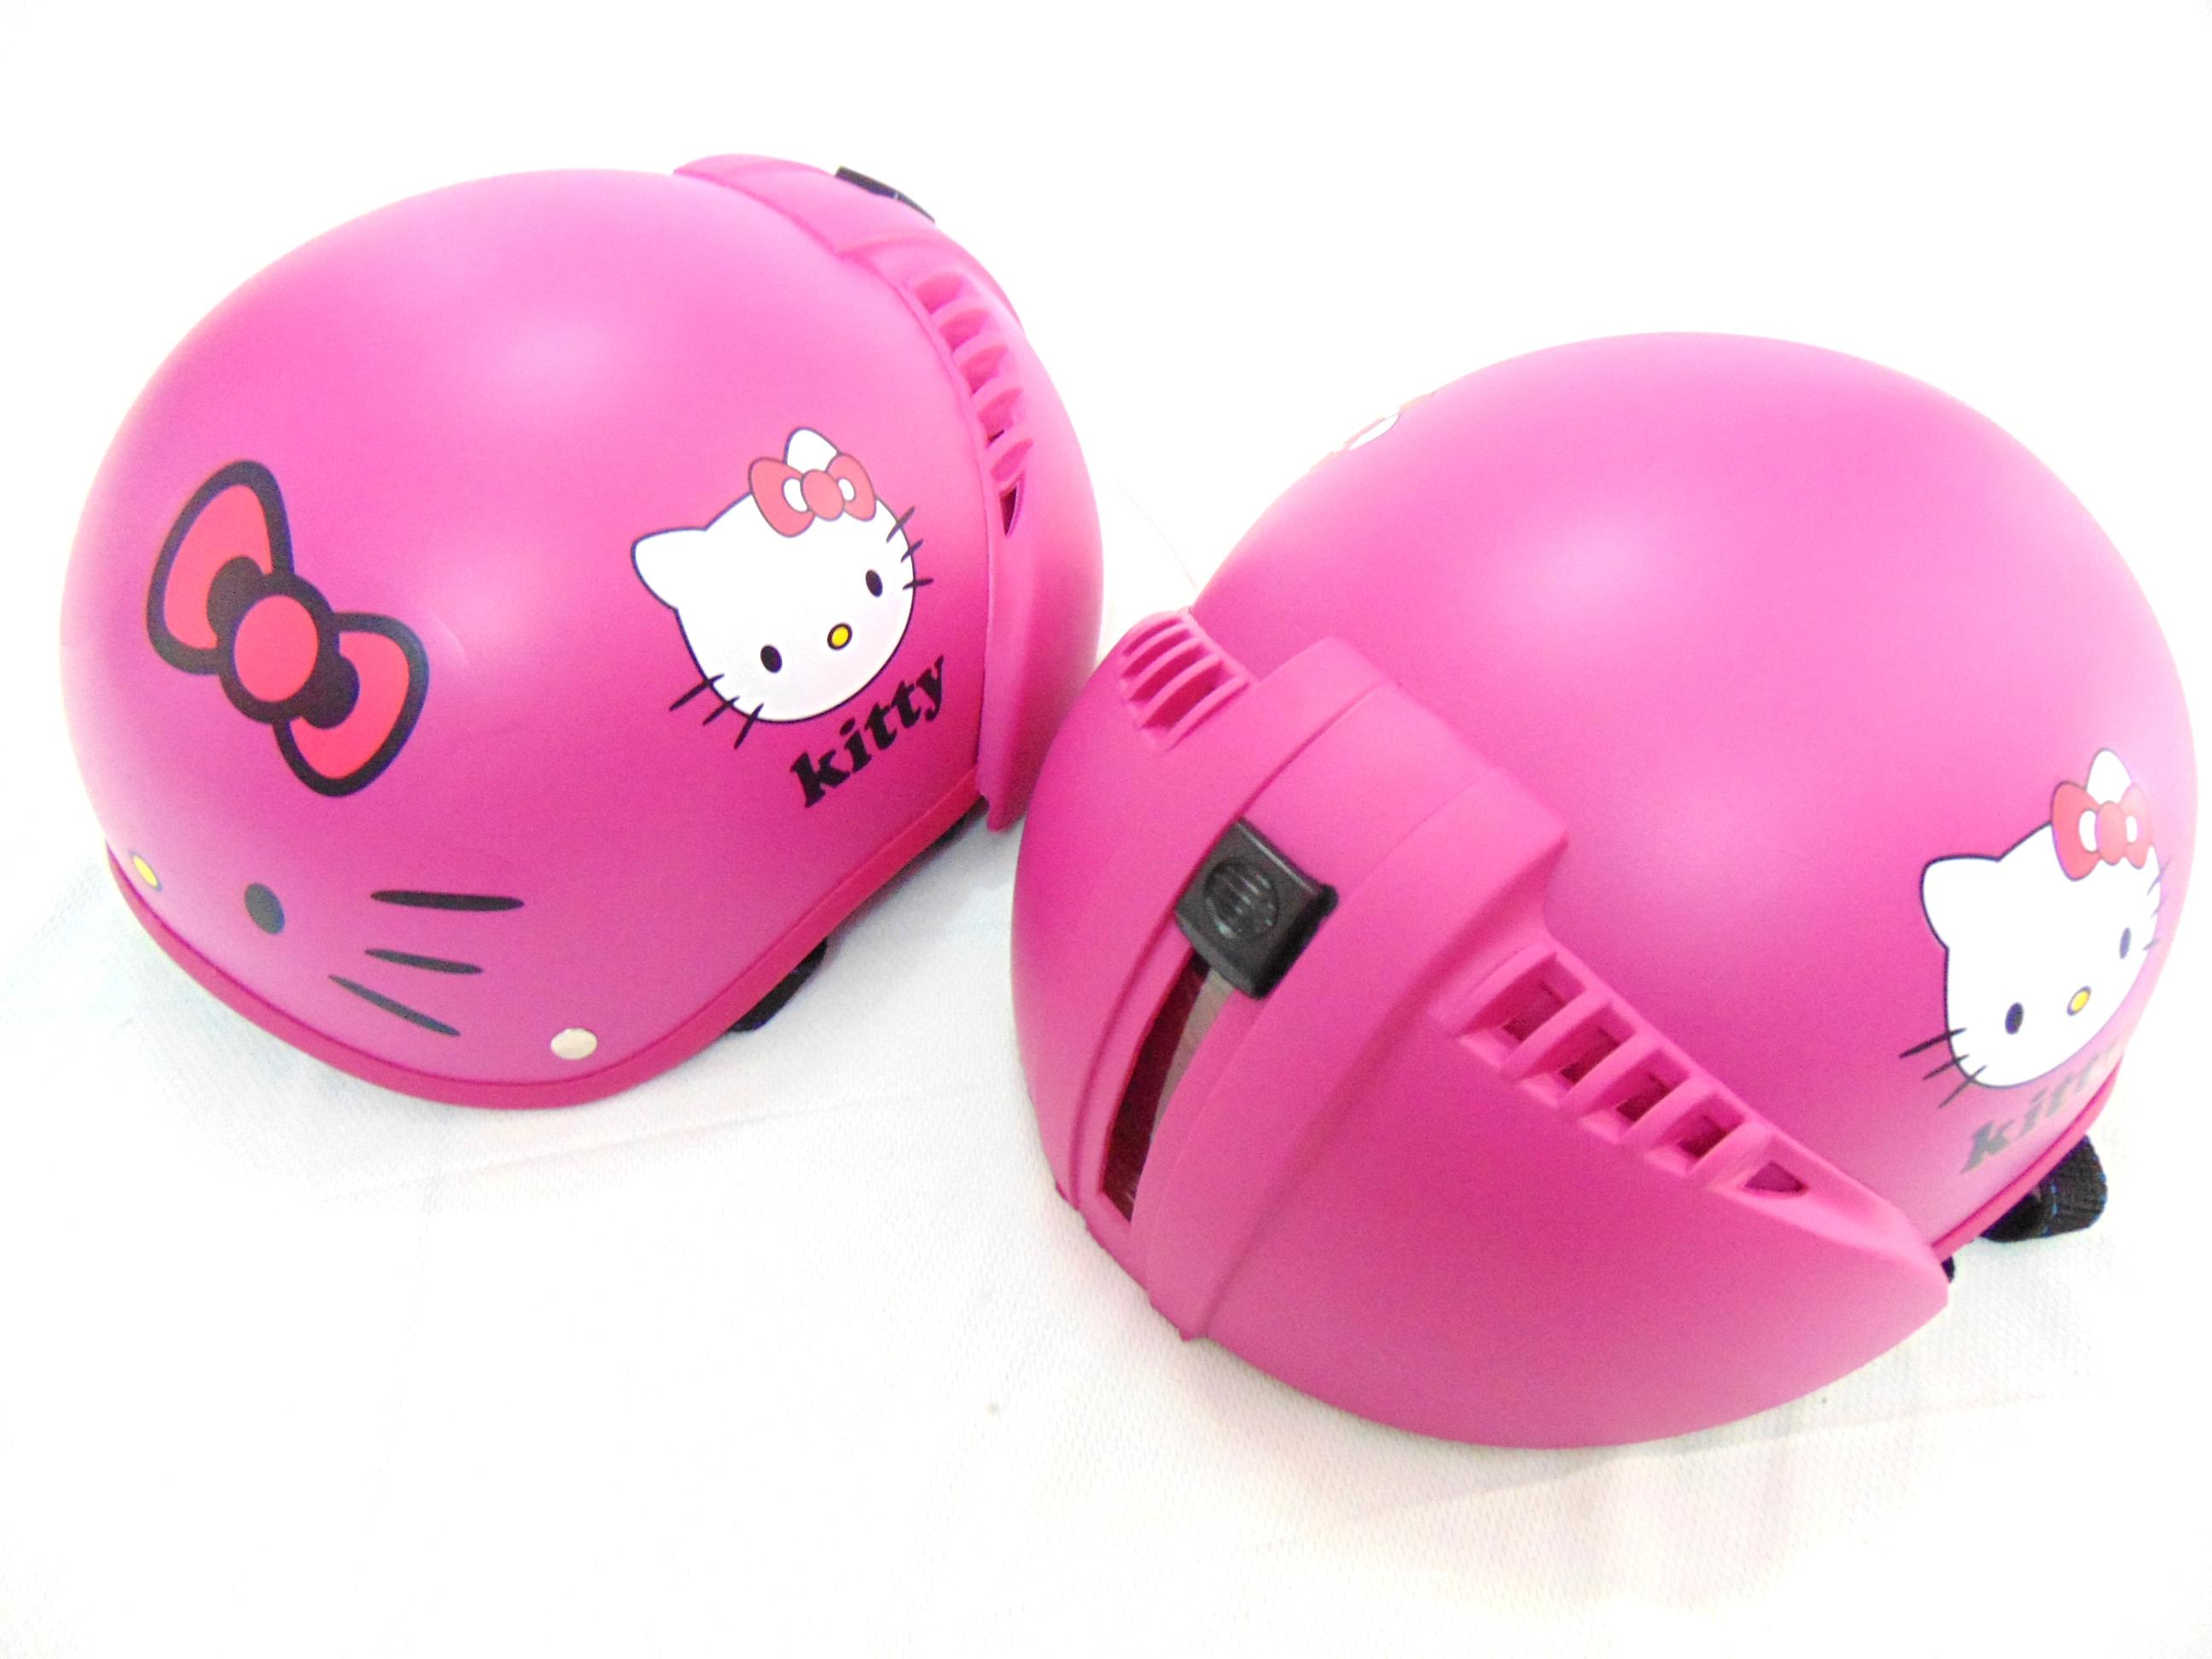 Quy định pháp luật về cấm đội mũ bảo hiểm thời trang